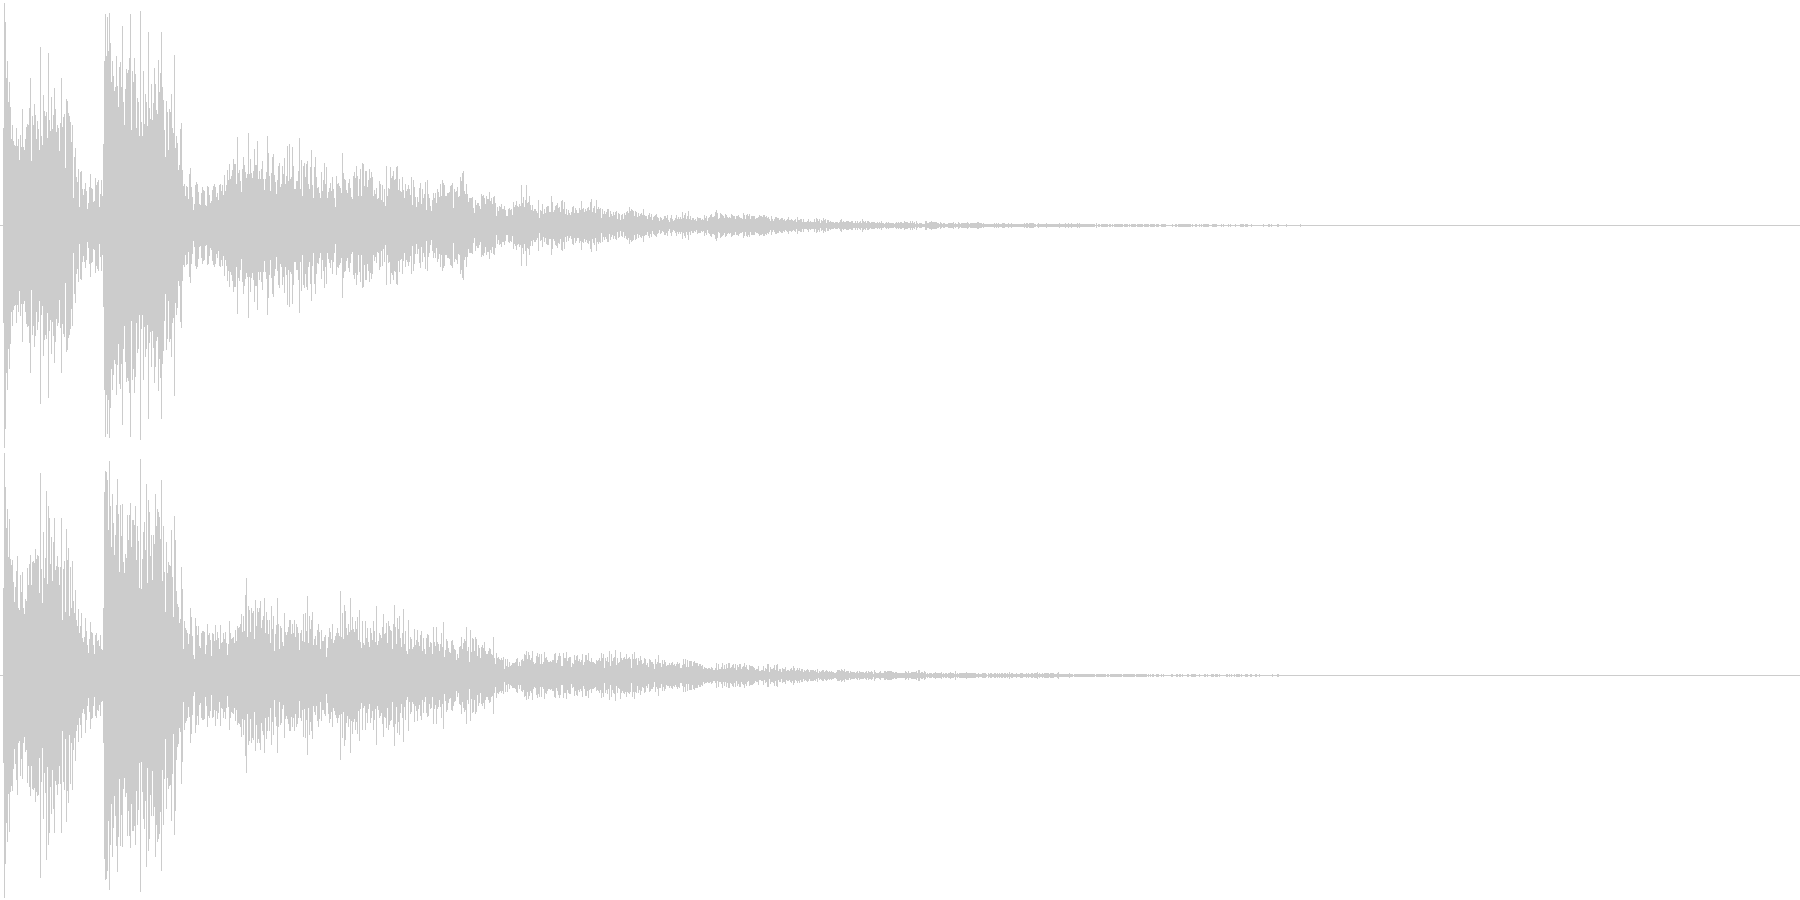 ピュピュン(決定音、アプリ、ゲーム等に)の未再生の波形